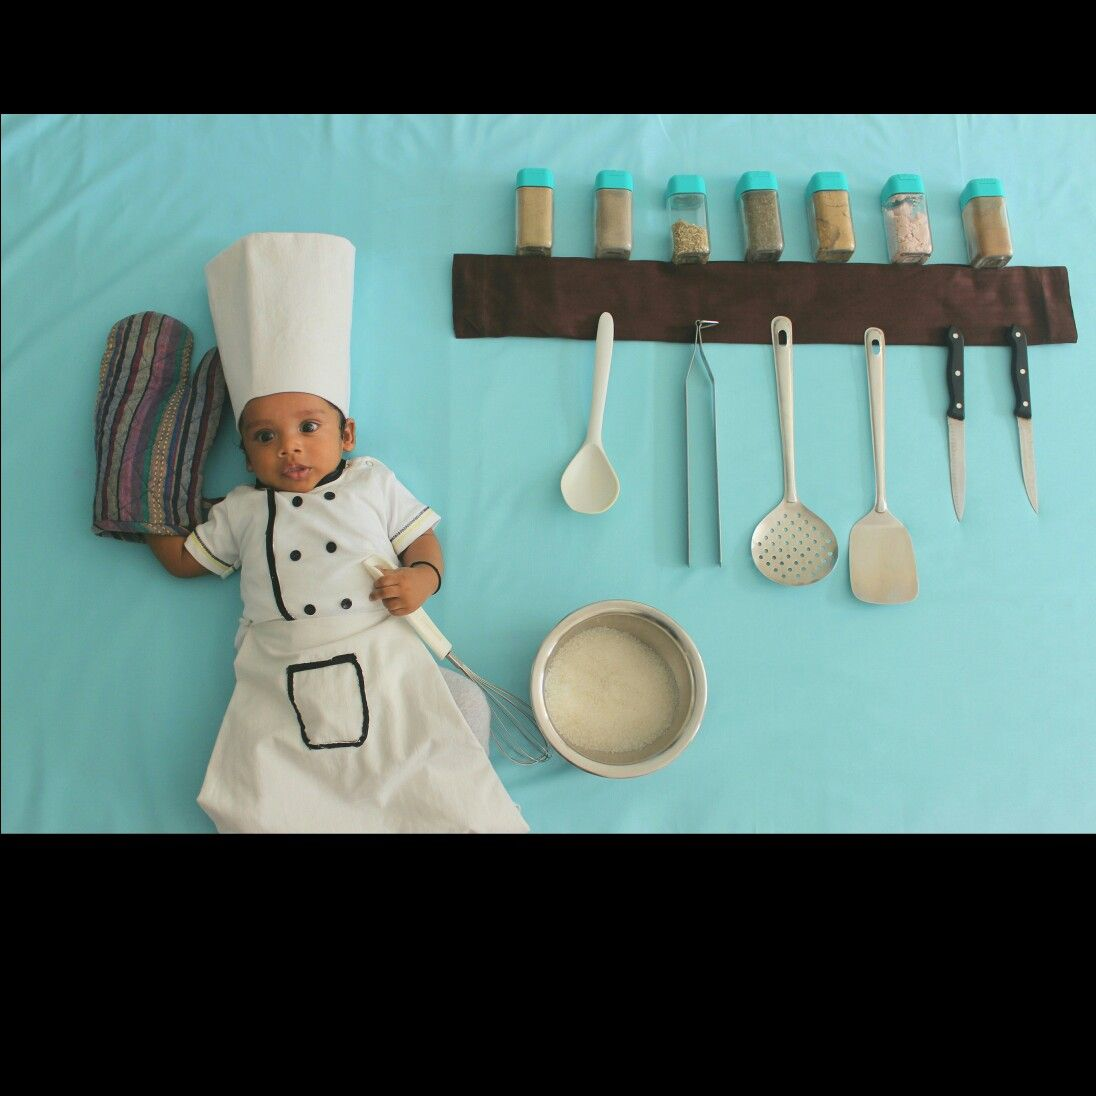 Baby chef photo shoot